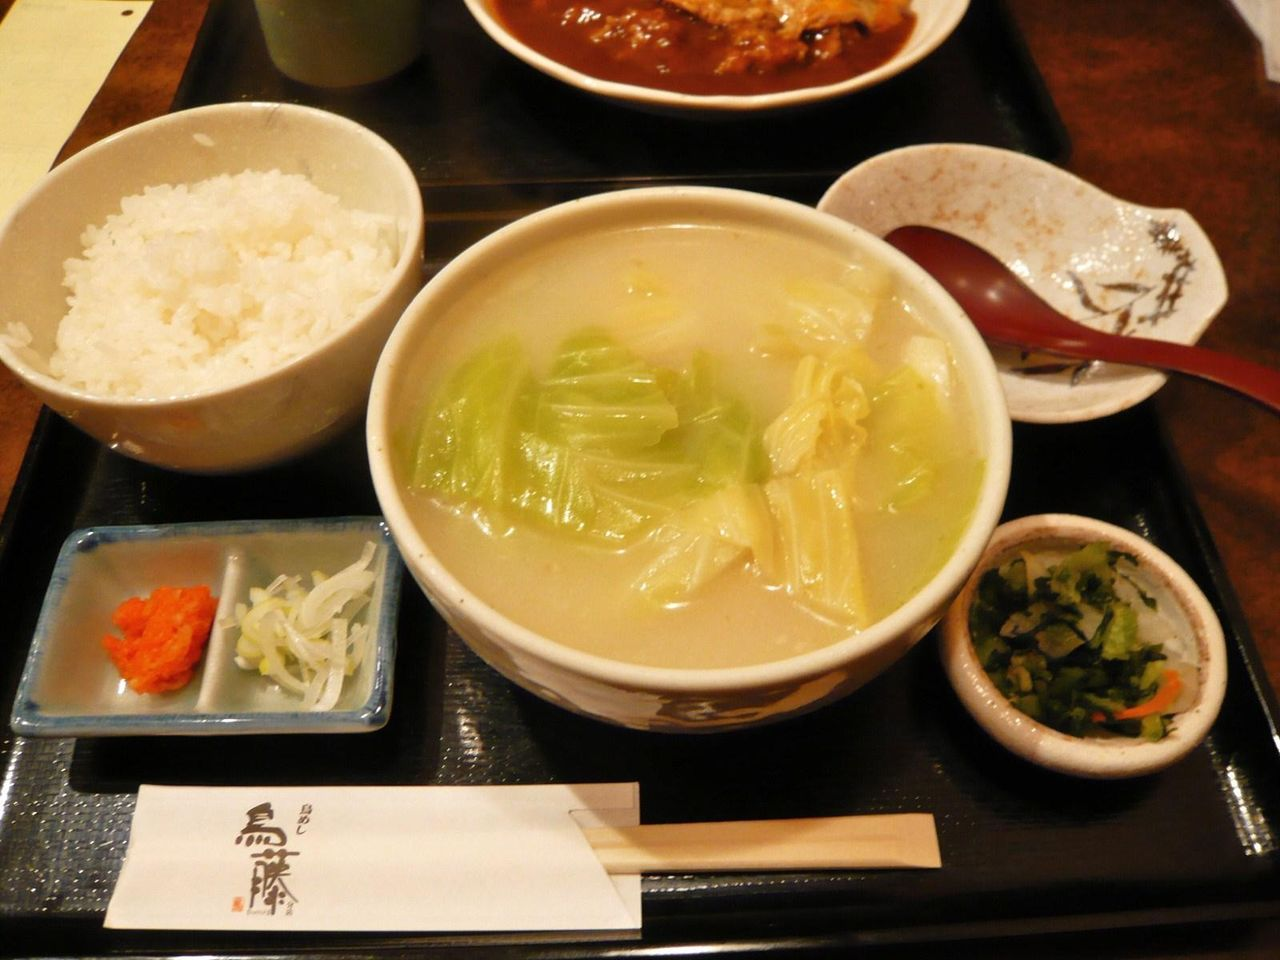 ライスを投入すれば鶏雑炊に!鳥藤分店の水炊き850円